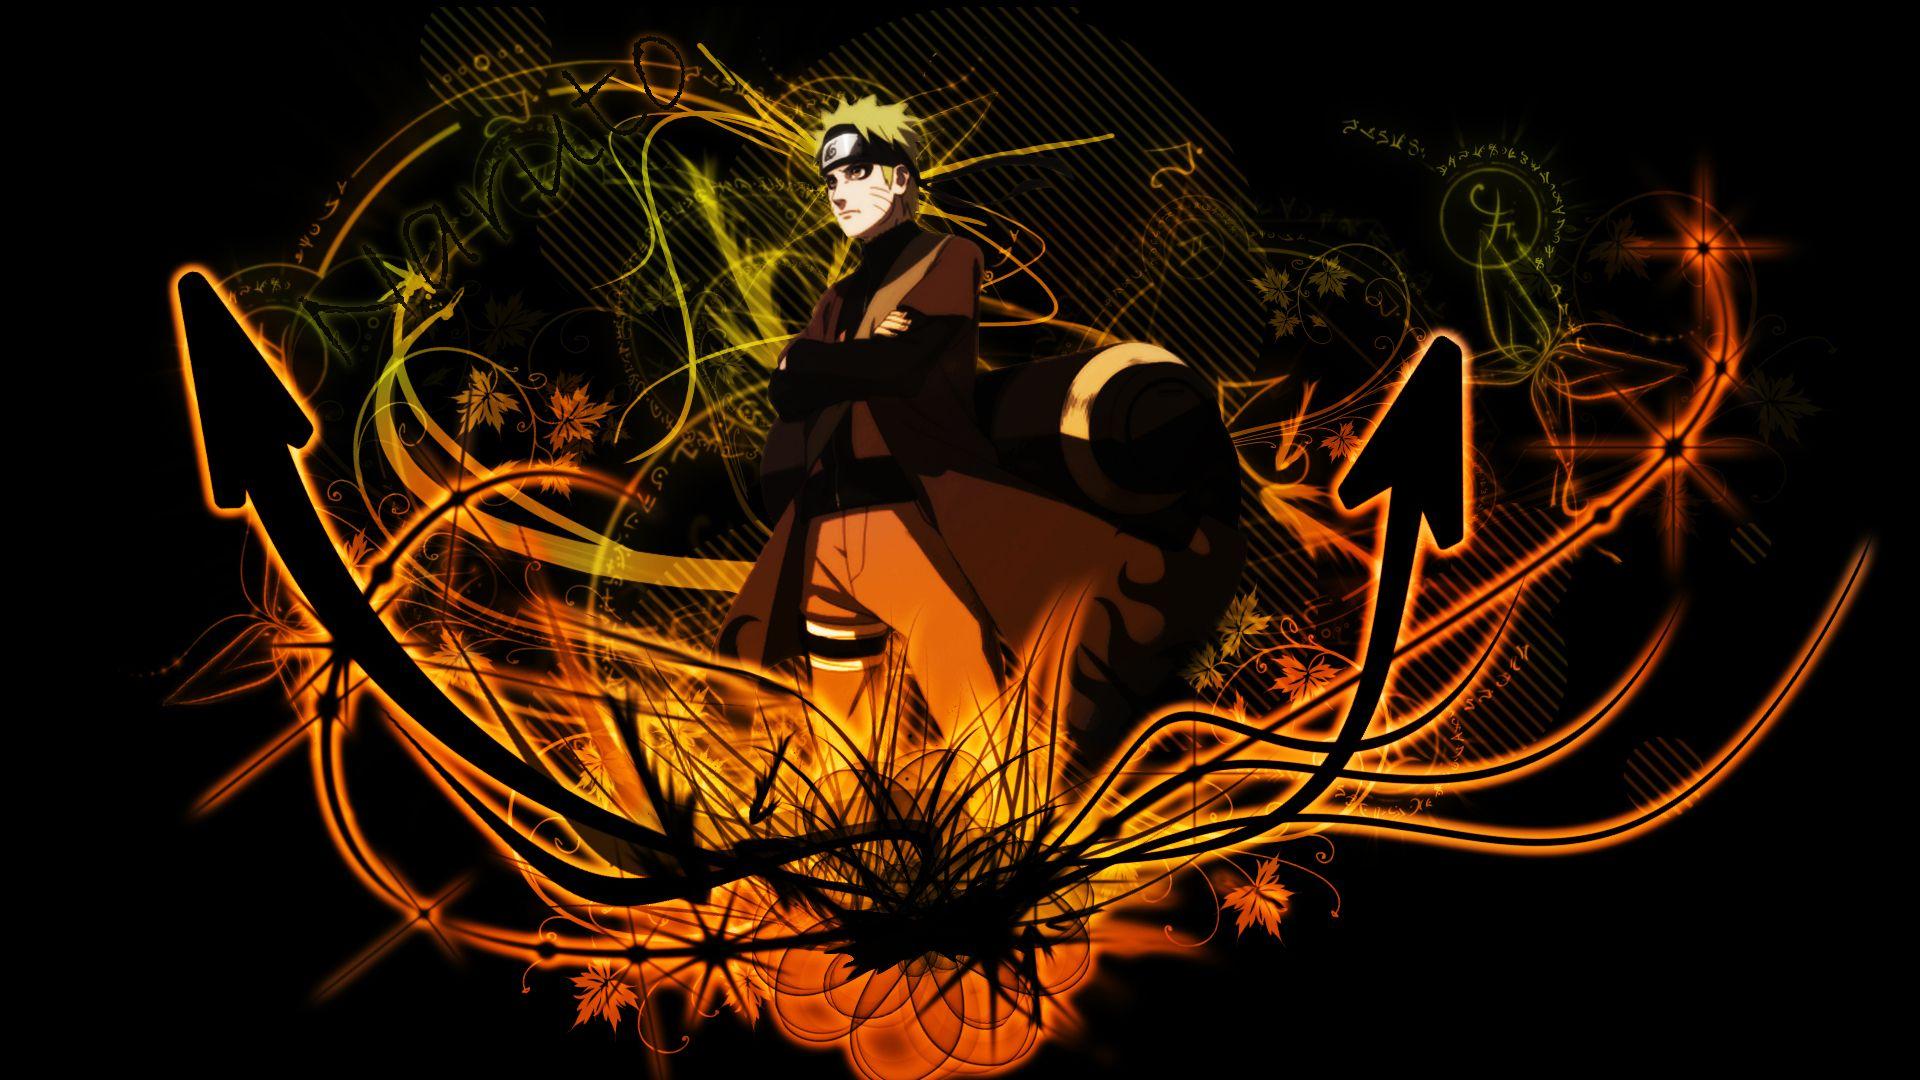 MX Cool Anime Wallpapers Hd Anime Hd Adorable Desktop Pics for